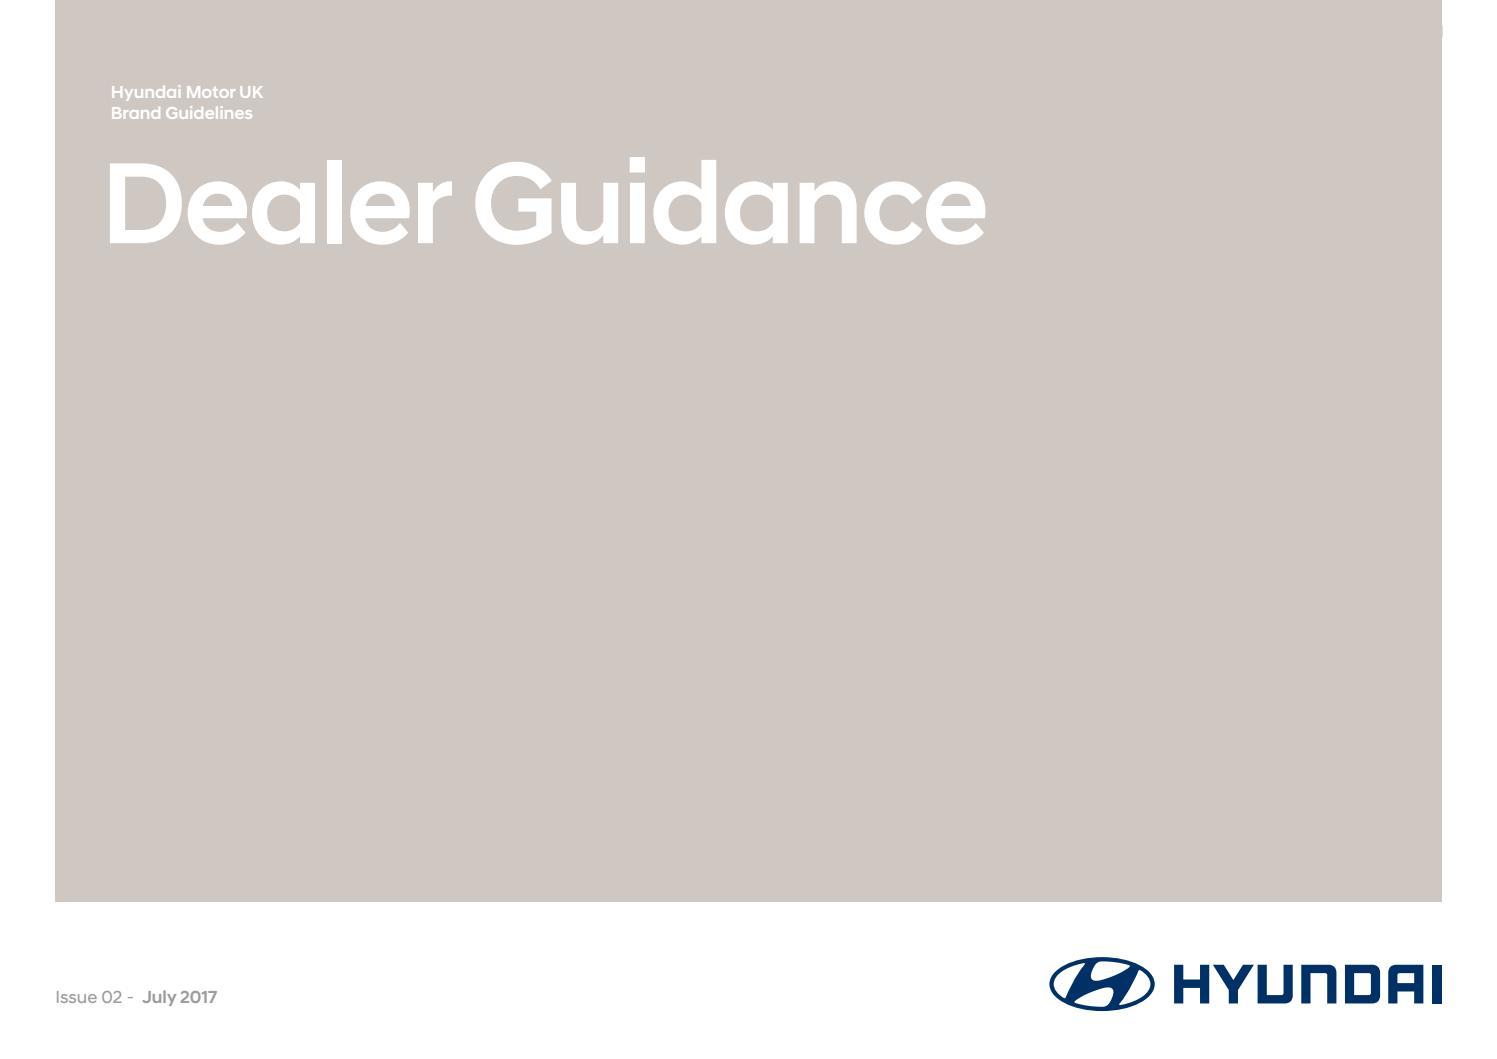 hyundai dealer uk brand guidelines by innocean worldwide issuu rh issuu com hyundai brand guidelines pdf hyundai brand guidelines